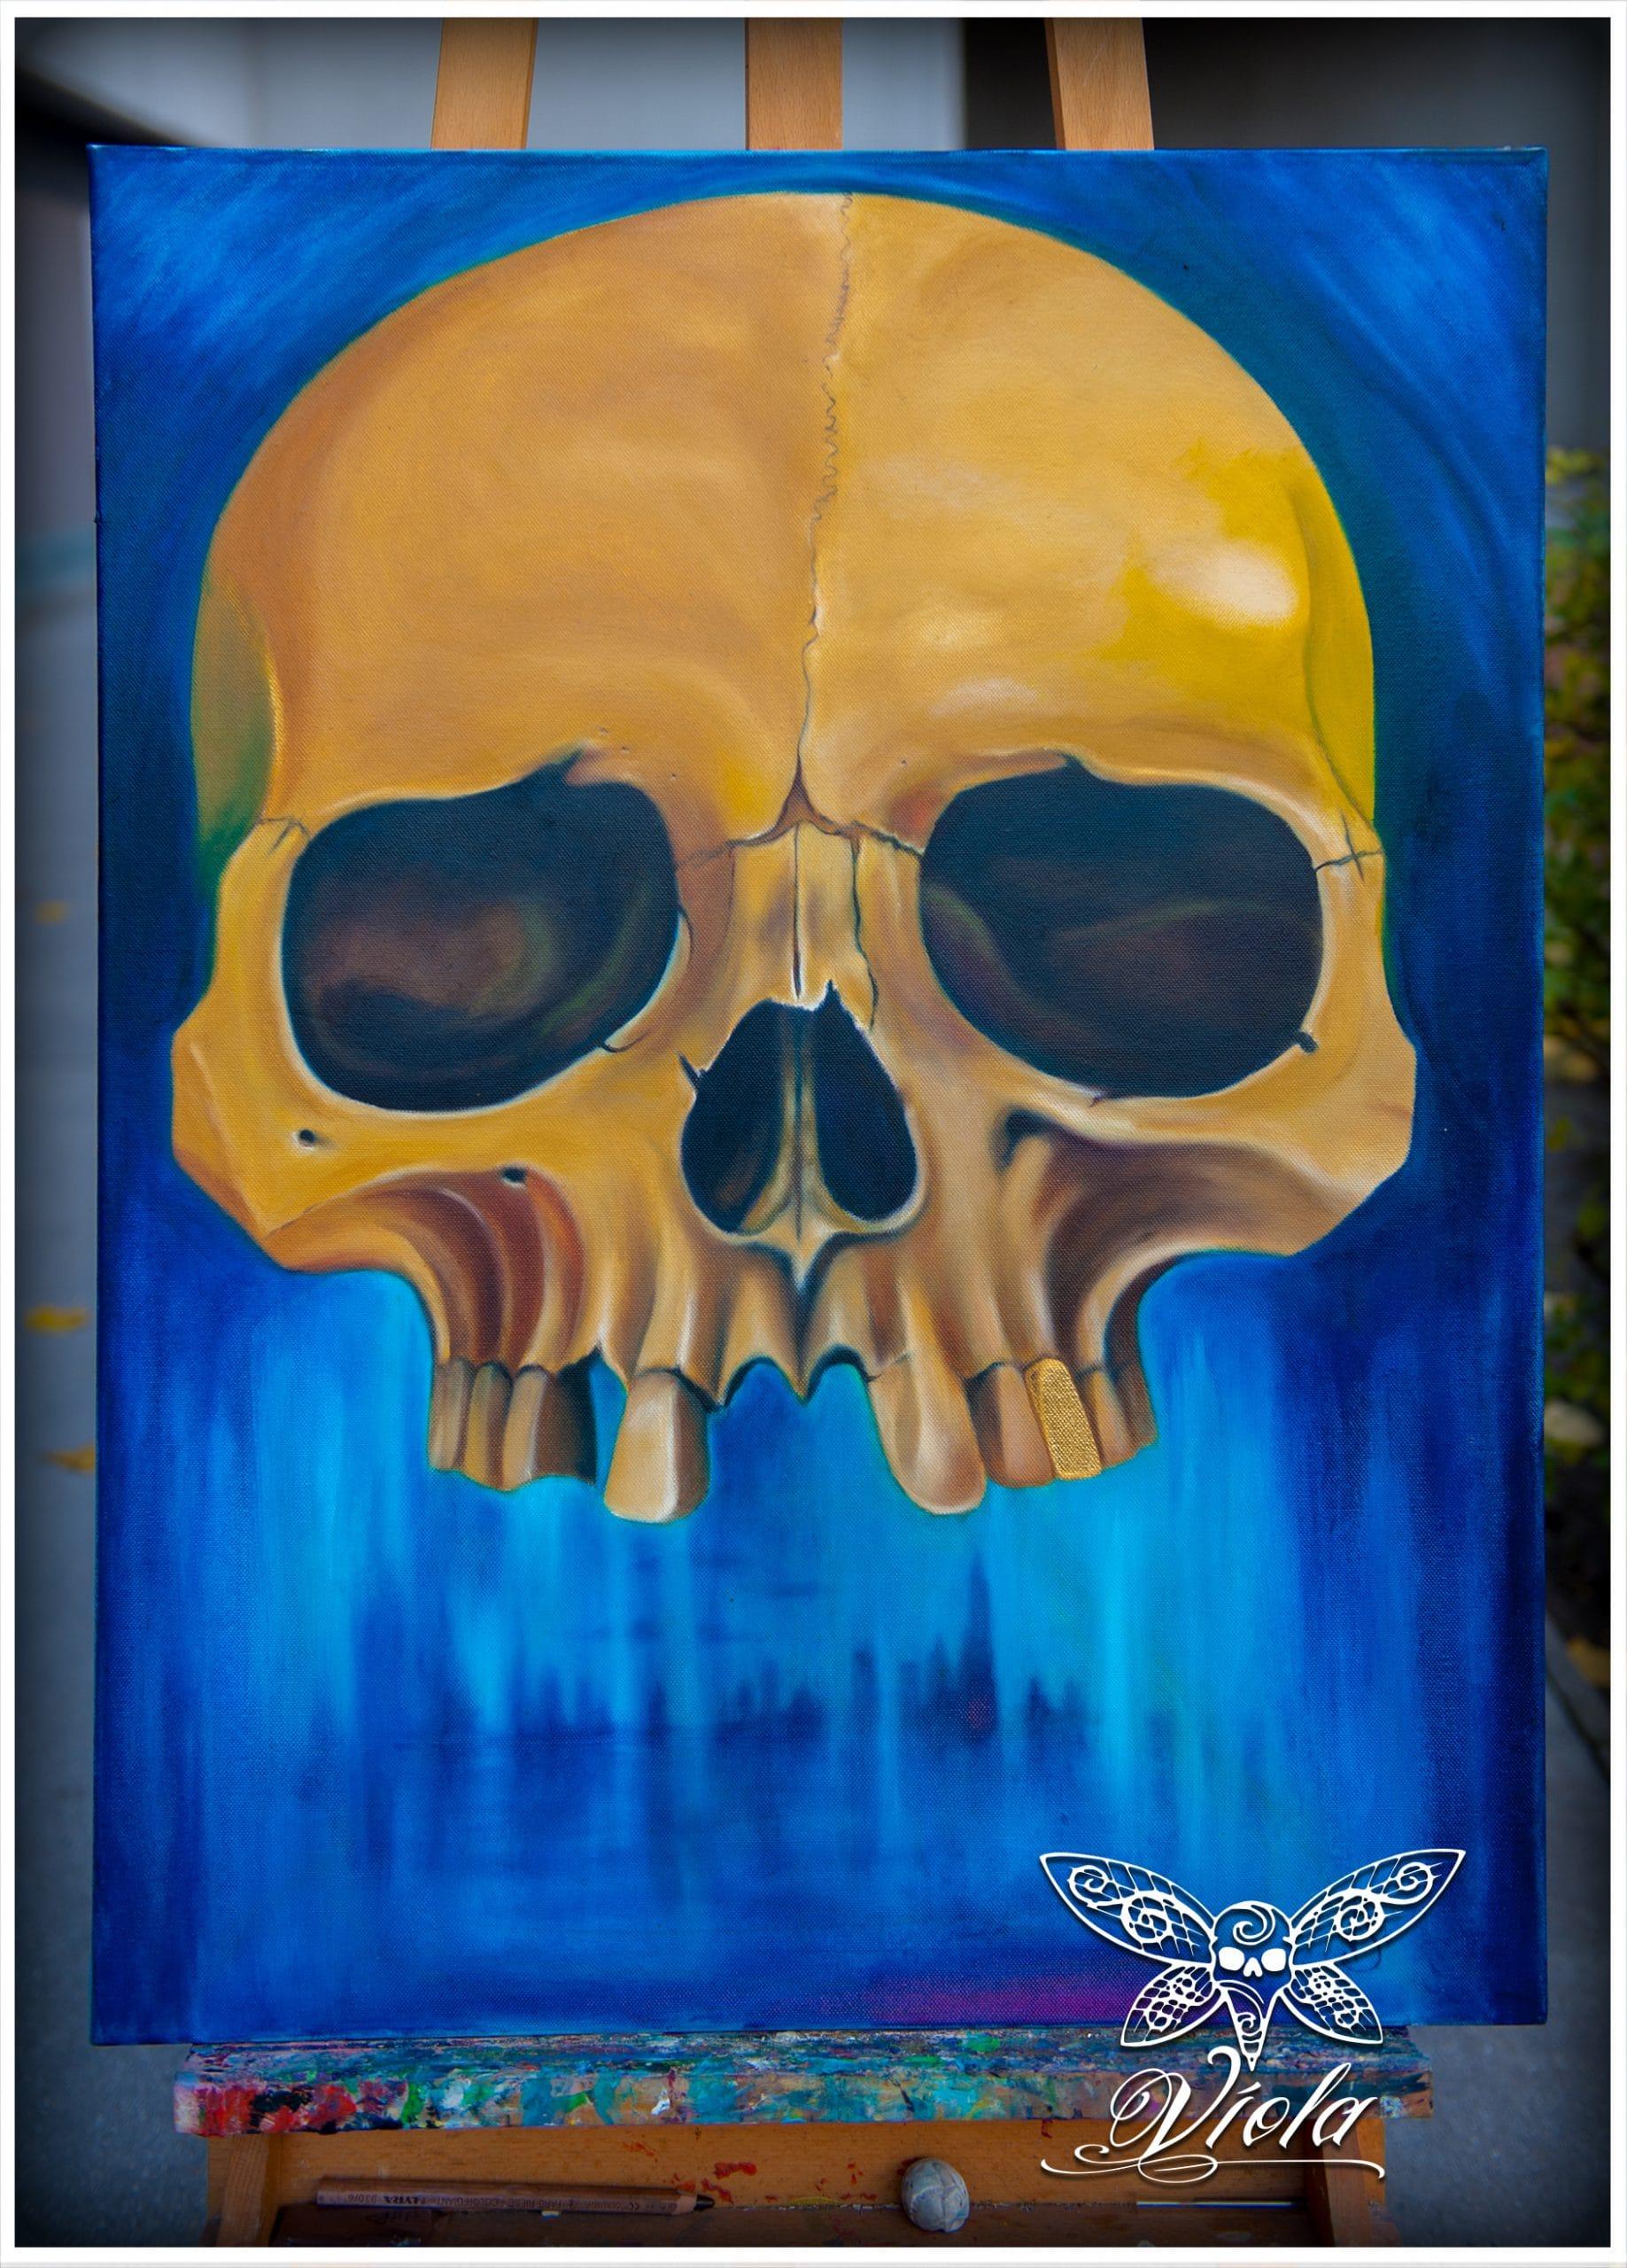 Vienna-Ink-Lines_individuelle_Tattoo_Designs_auf_hoechsten-künstlerischen_Niveau_skull999